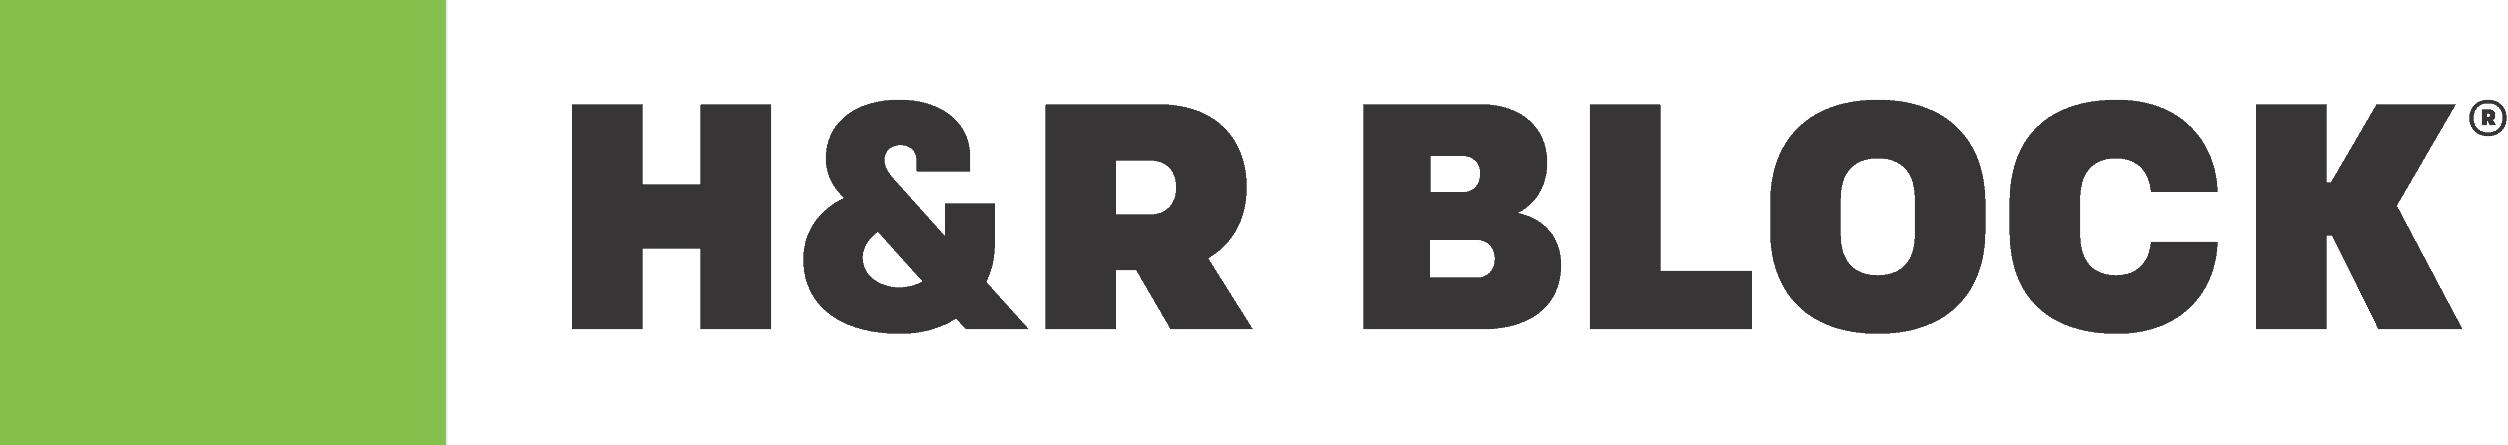 Logotipo de HR Block